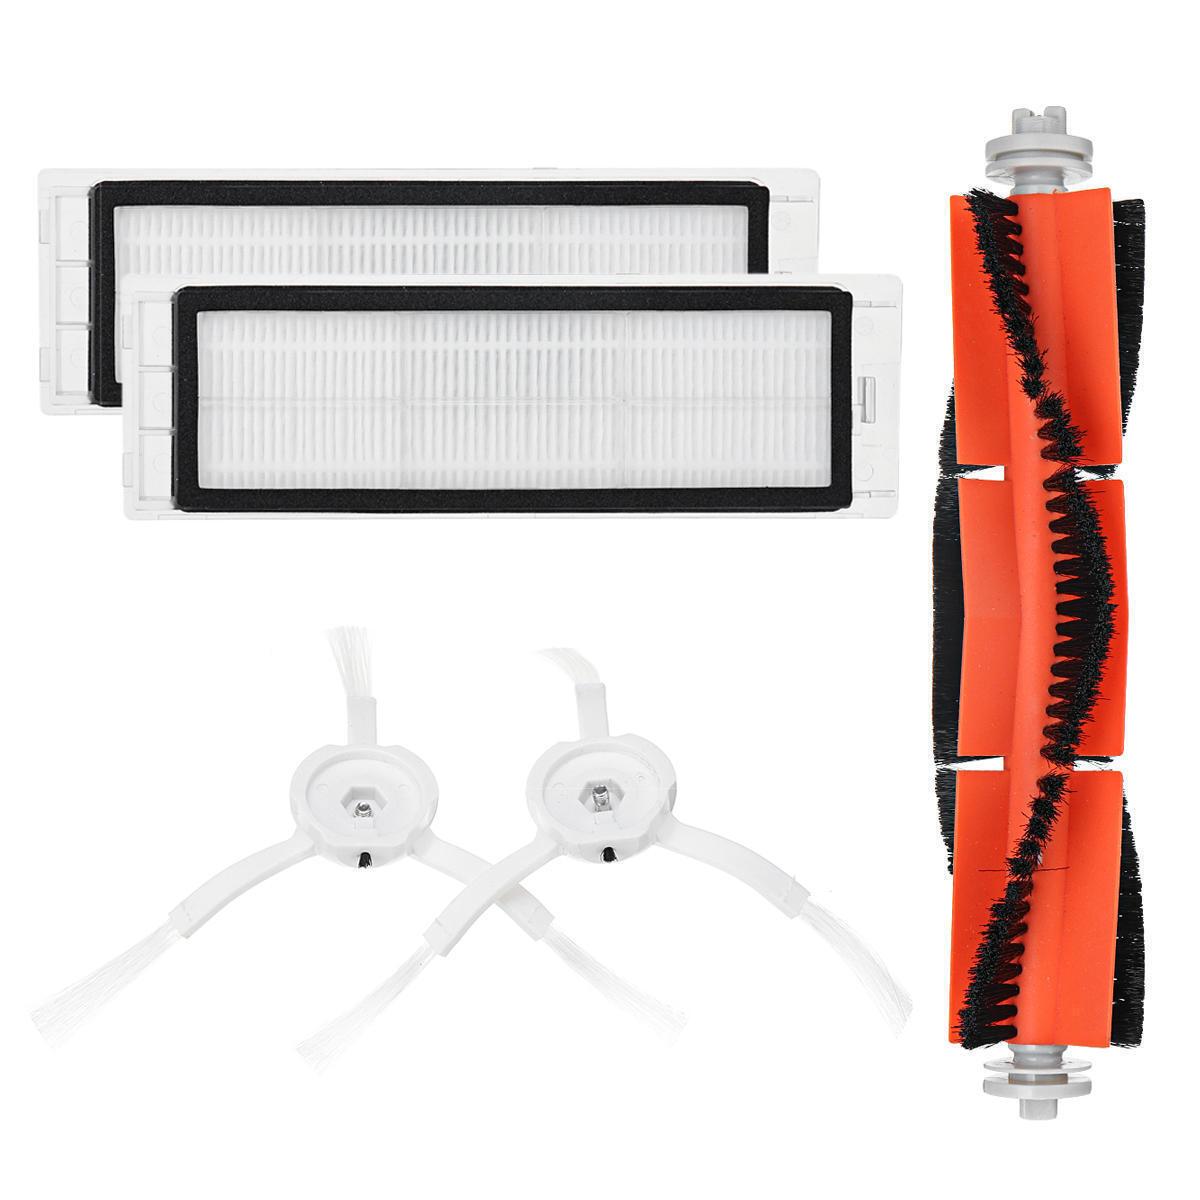 Набор сменных щеток и фильтров для робота-пылесоса Xiaomi Mi Robot Vacuum и Roborock Sweep One 5 шт